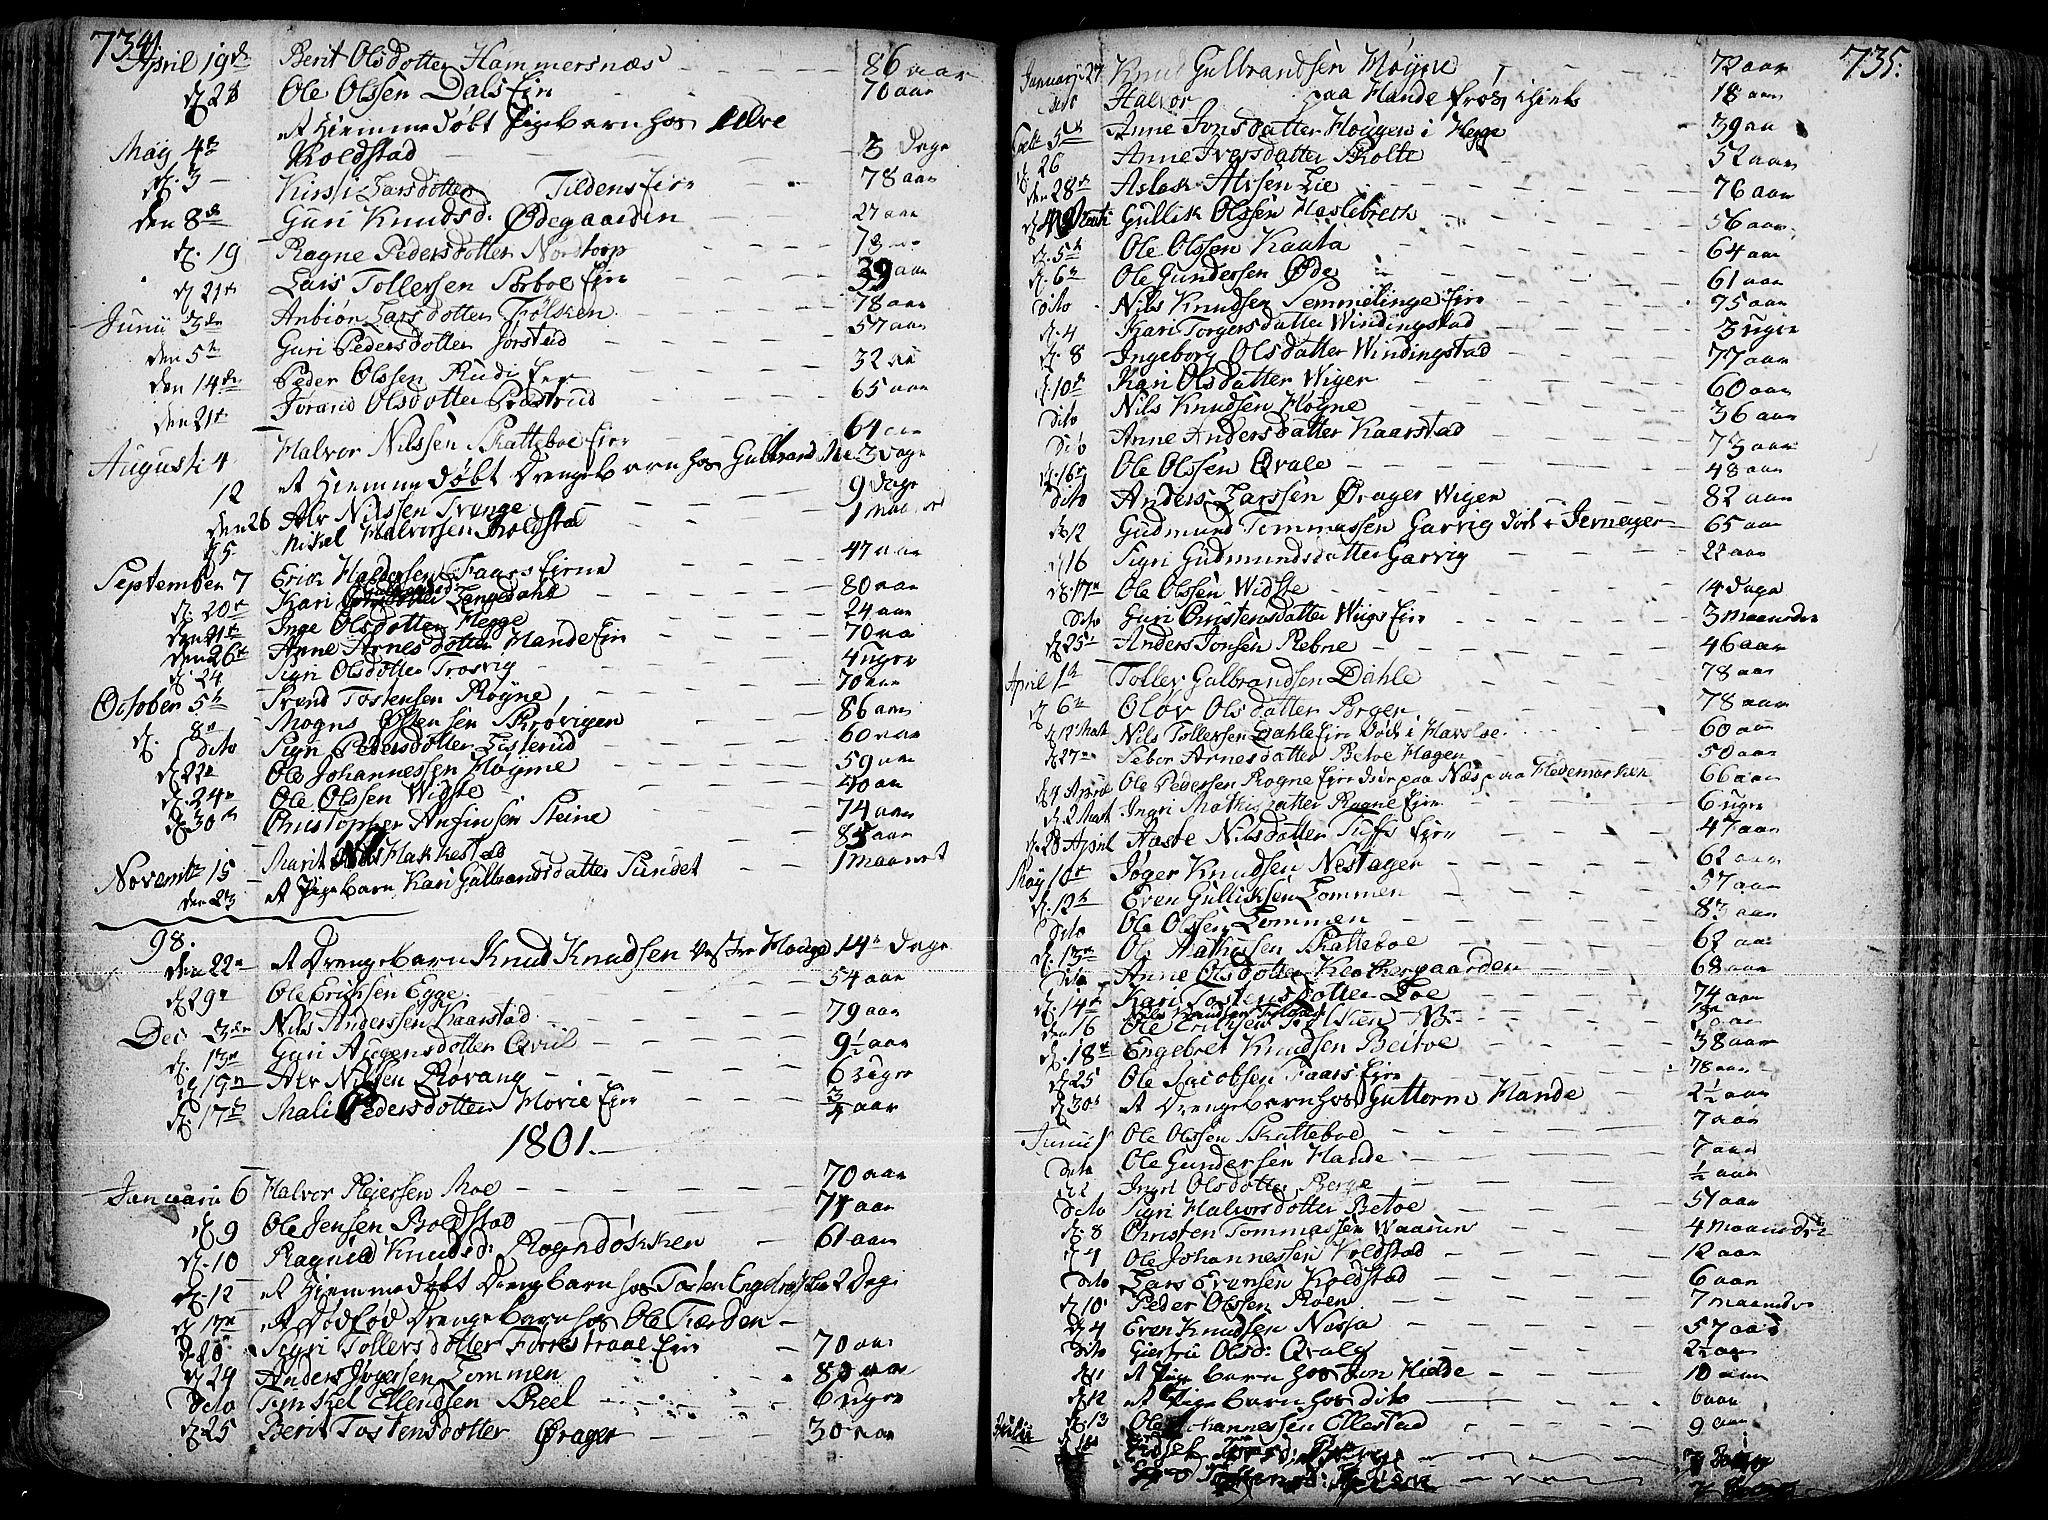 SAH, Slidre prestekontor, Ministerialbok nr. 1, 1724-1814, s. 734-735